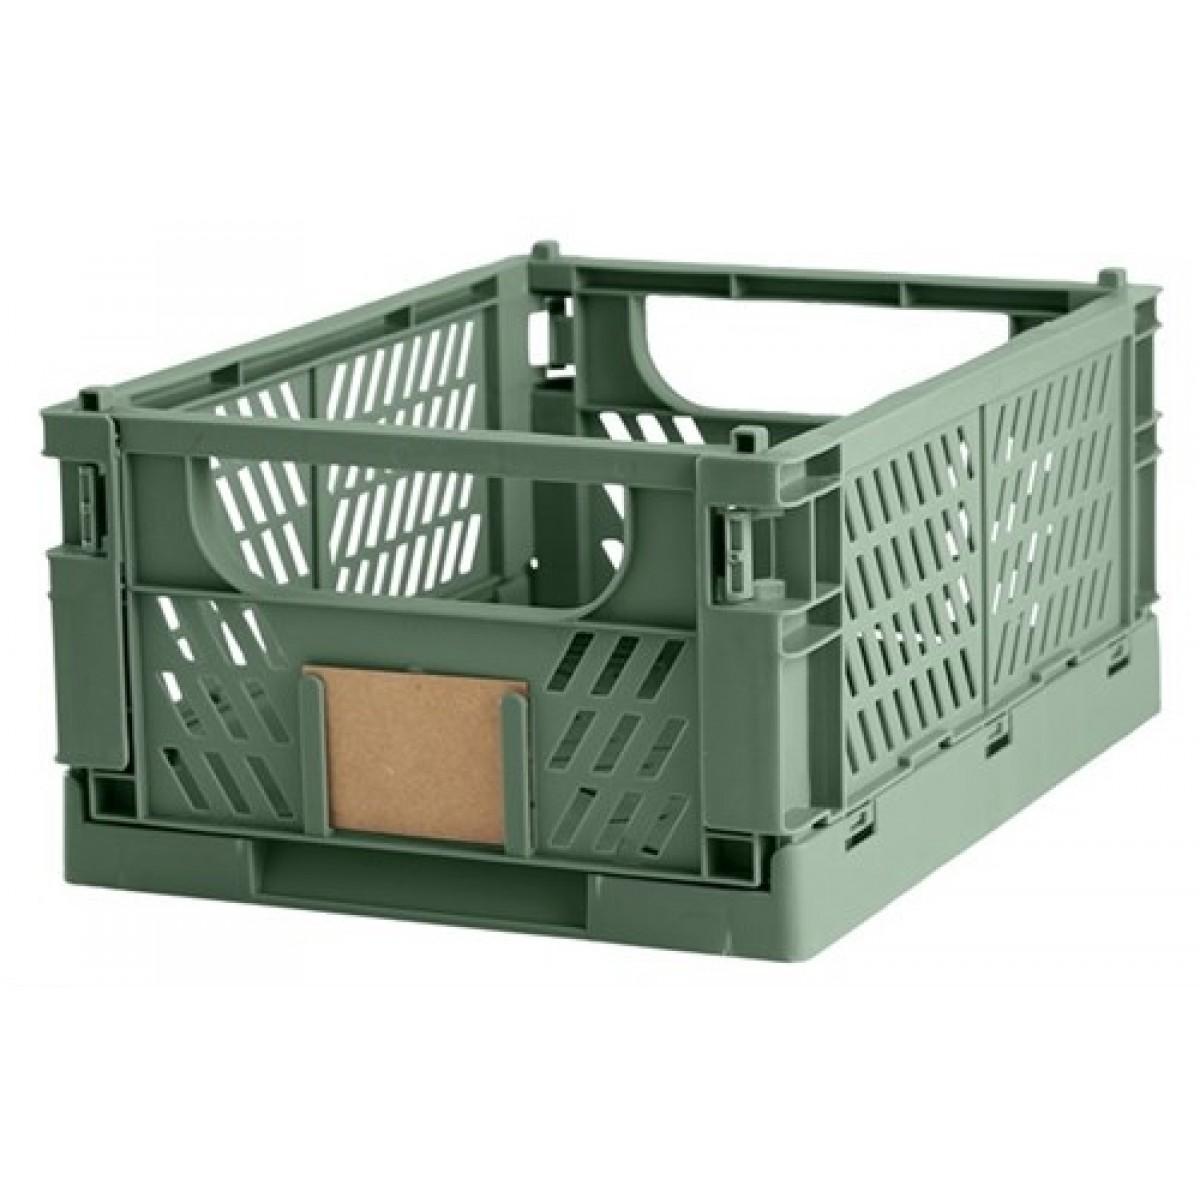 DAYOpbevaringskassefoldbar33x245x15cmdillgreen-01